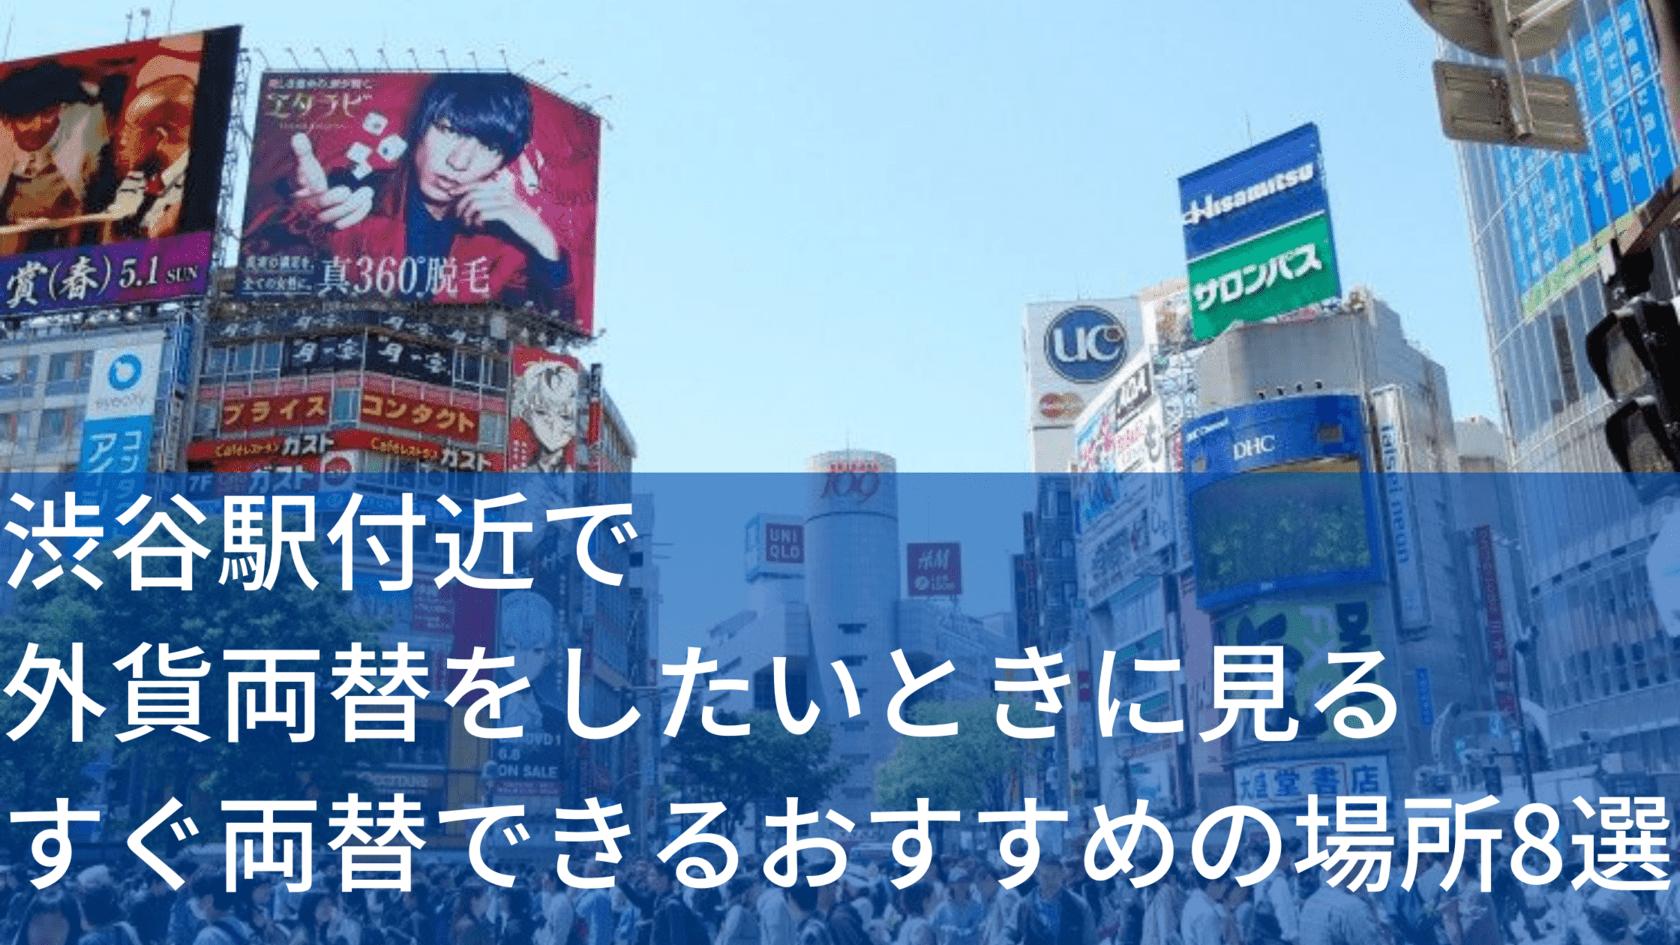 渋谷駅付近で外貨両替をしたいときに見るすぐ両替できるおすすめの場所8選